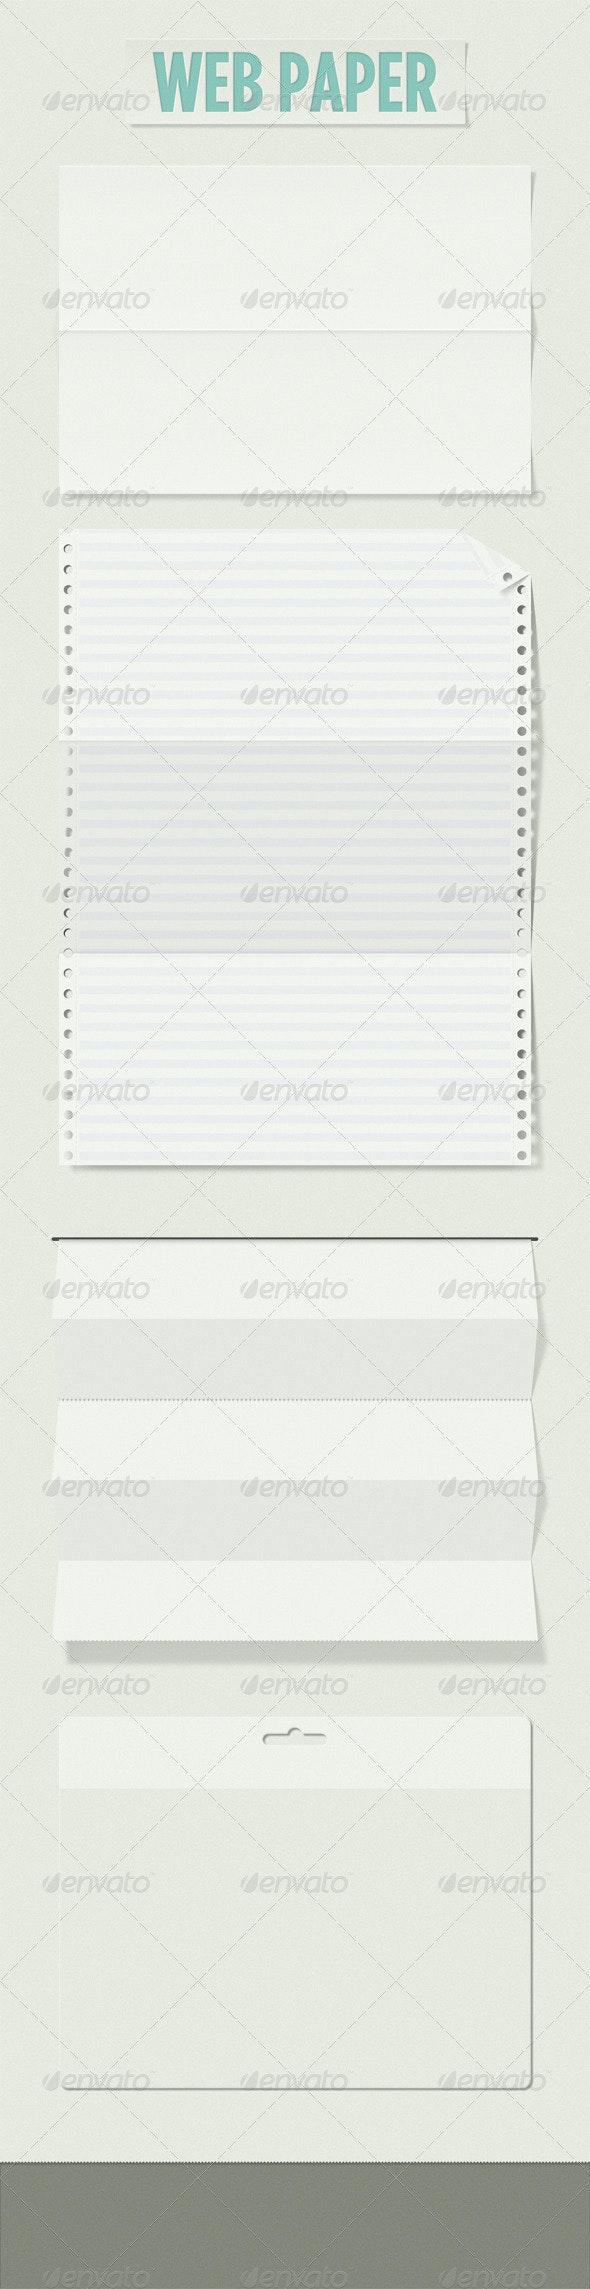 web paper - Miscellaneous Web Elements